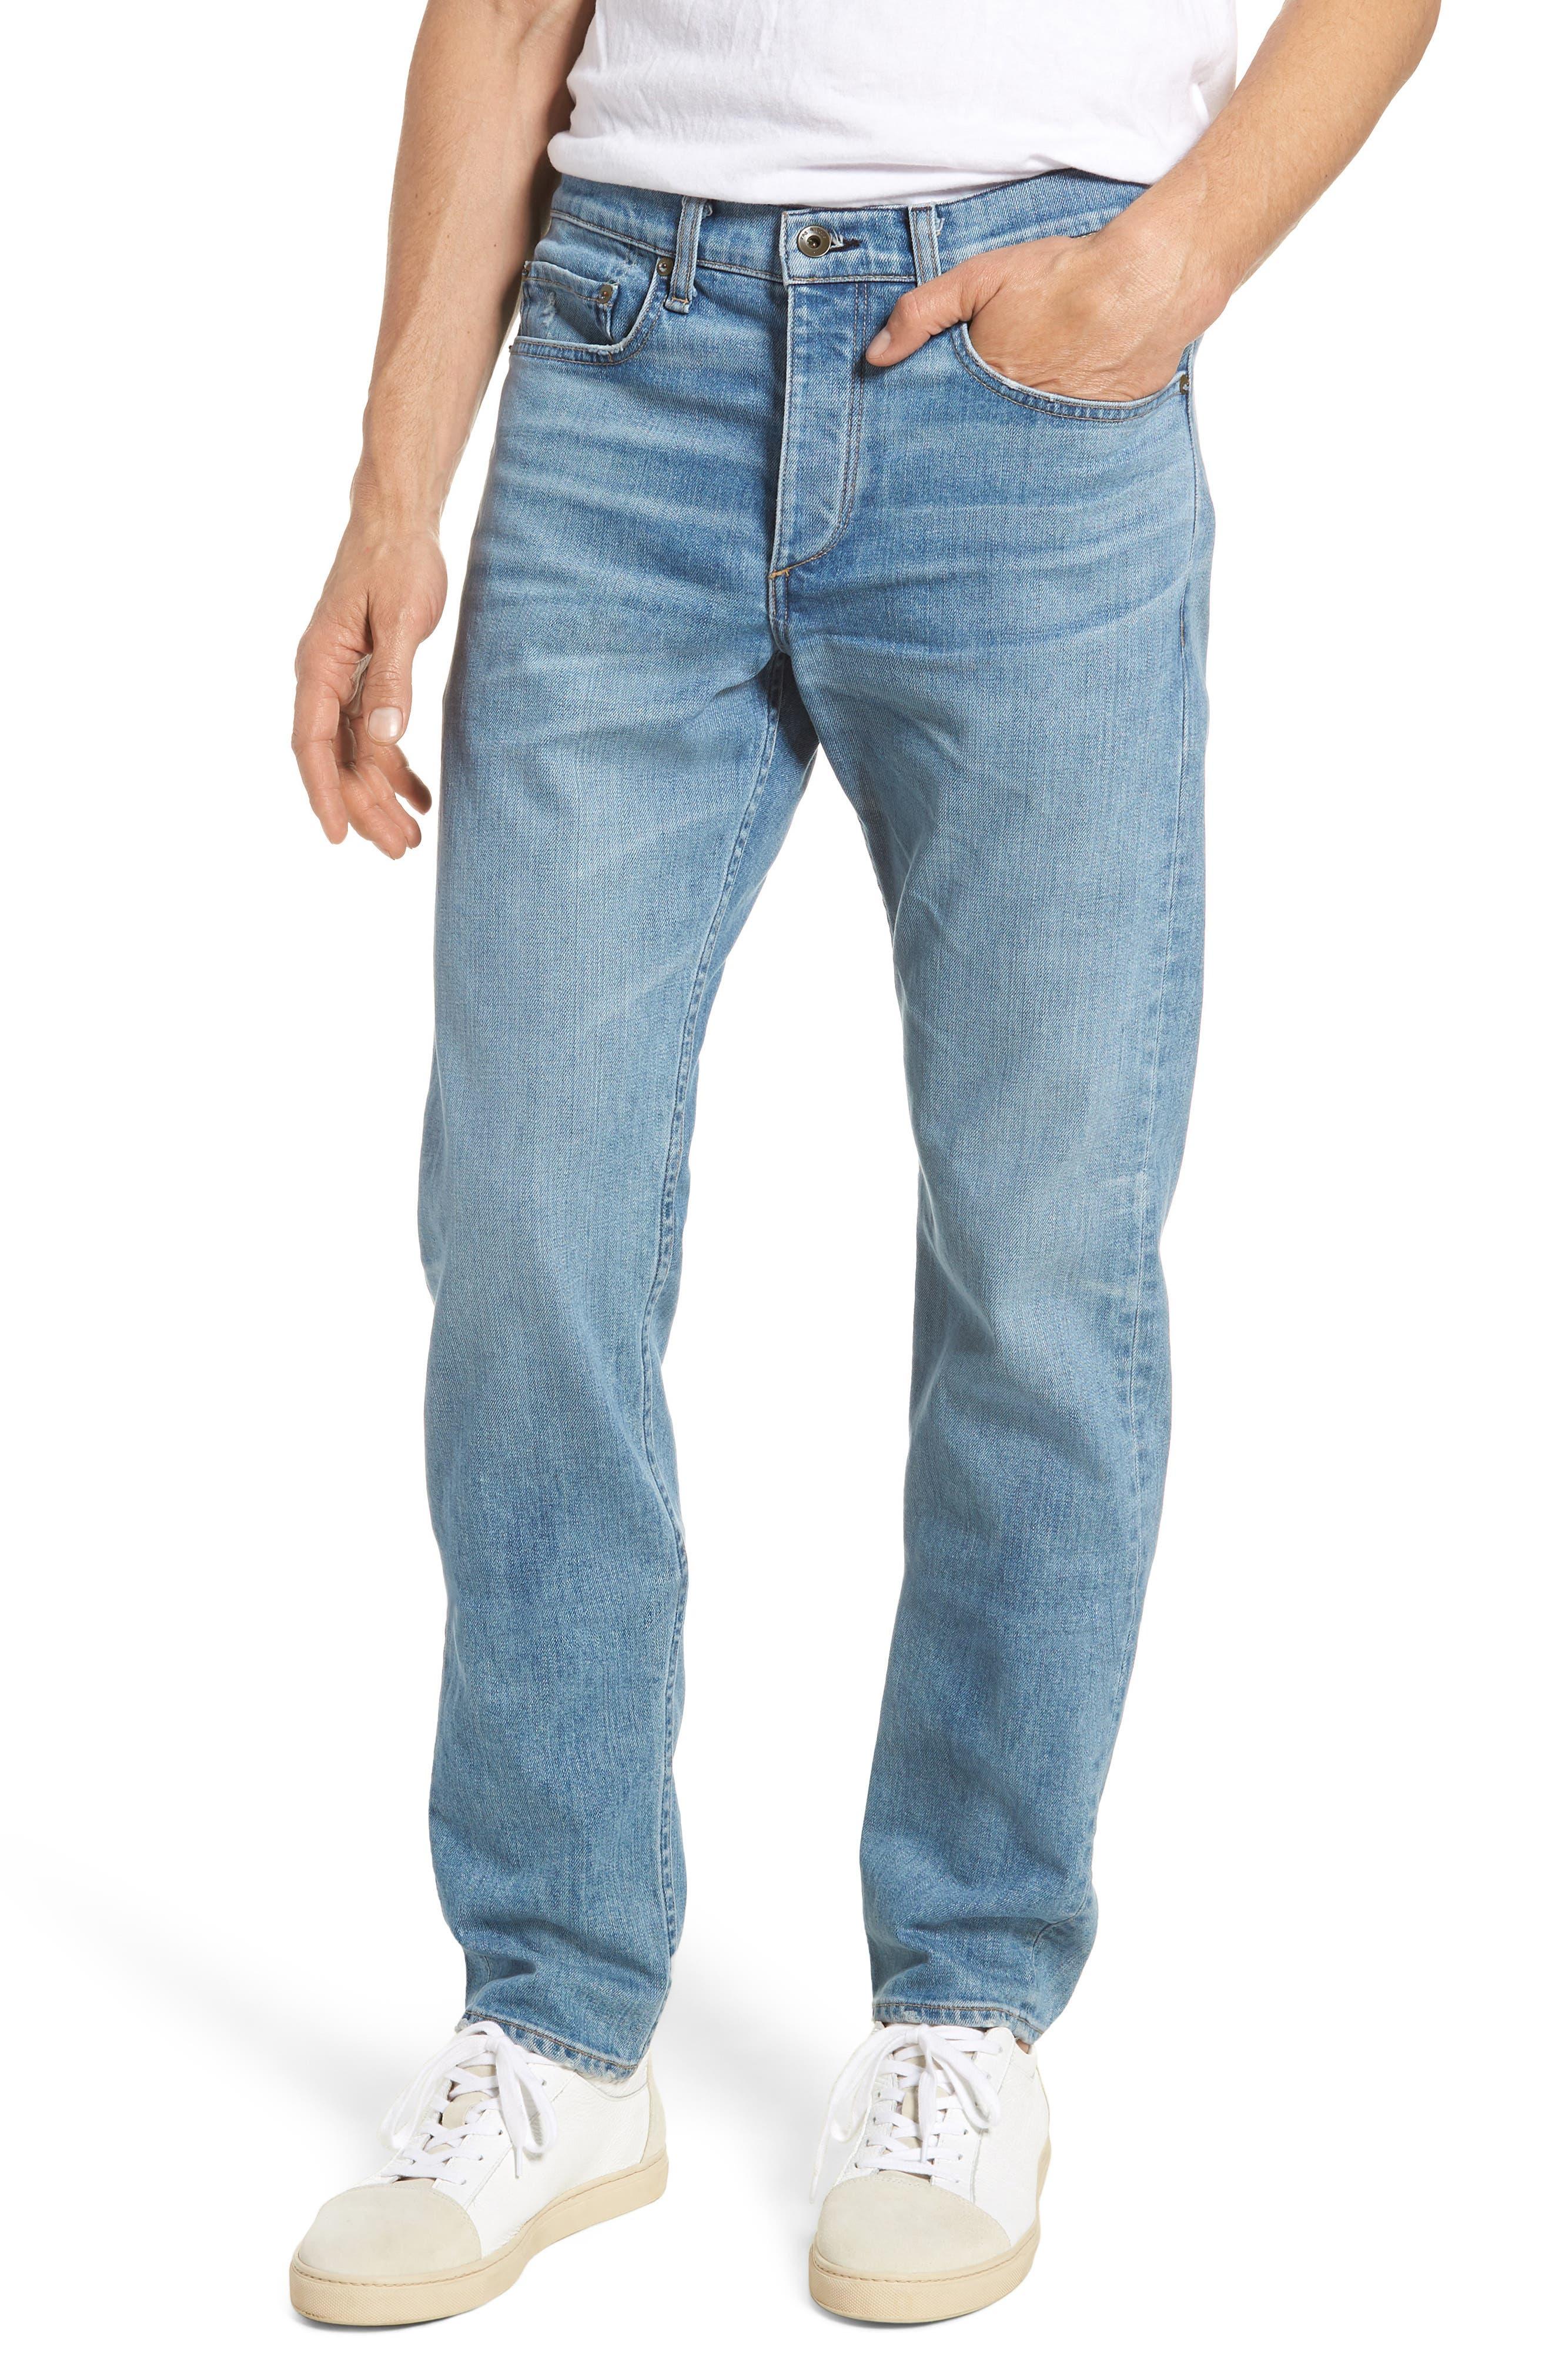 Fit 2 Slim Fit Jeans,                             Main thumbnail 1, color,                             Pylle